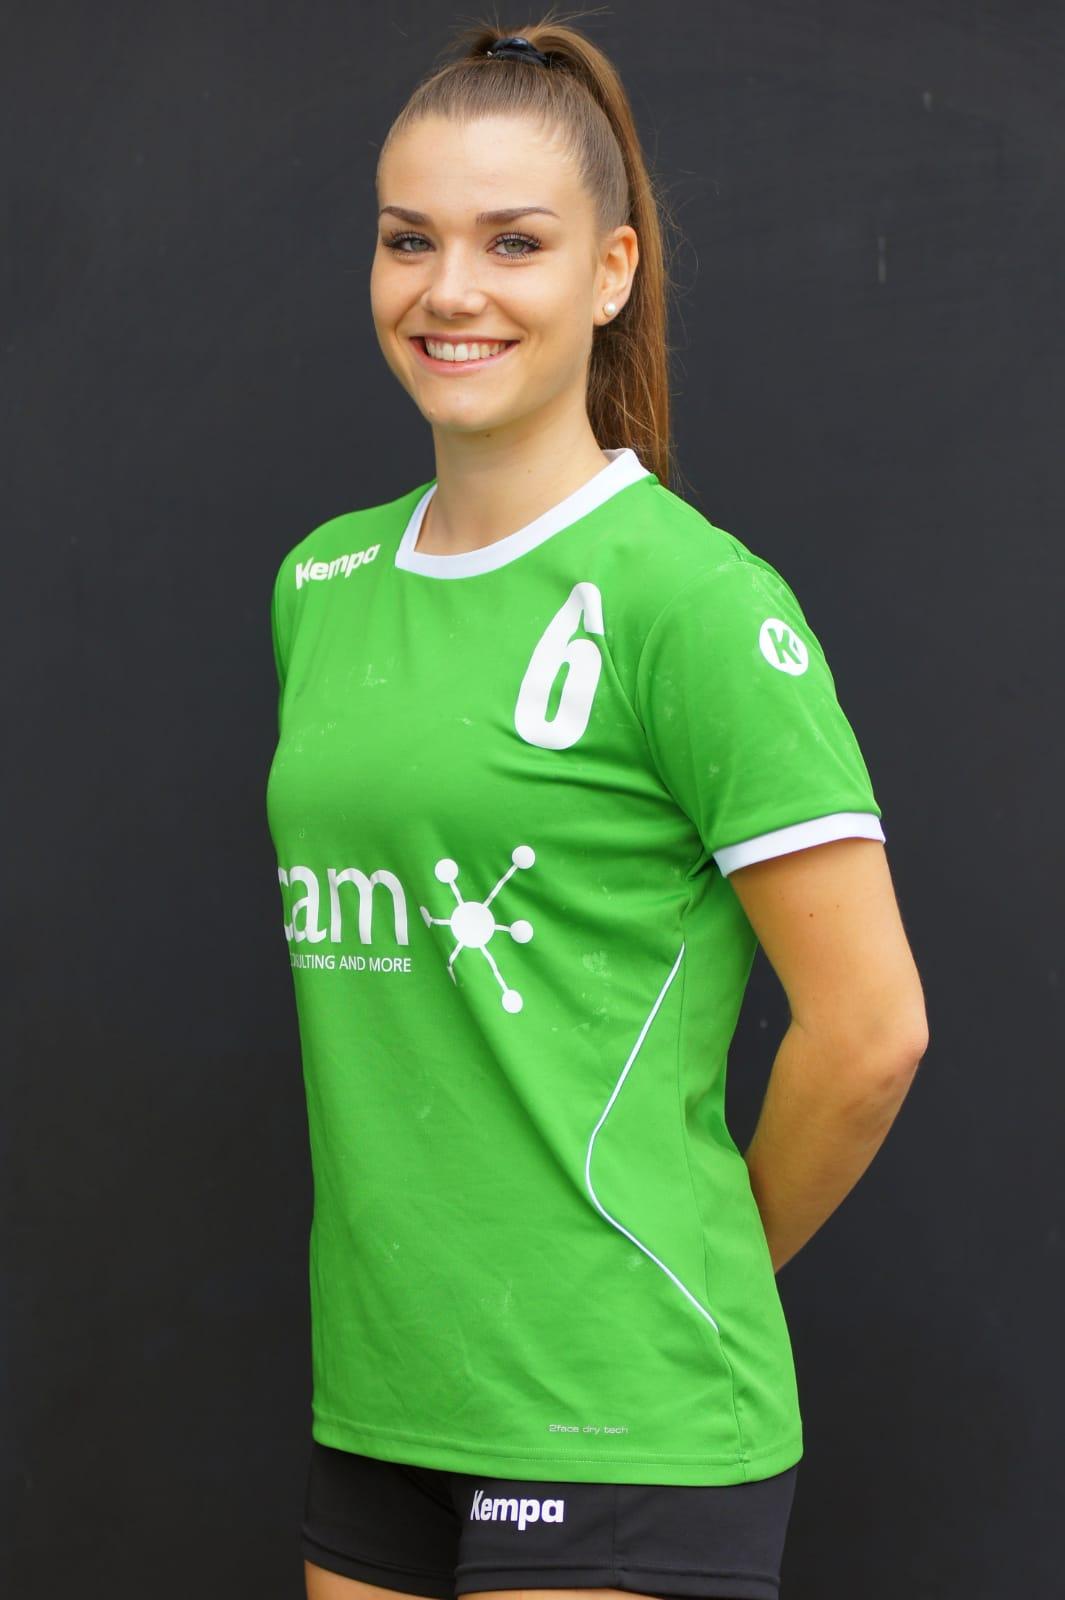 #6 Talena Menke